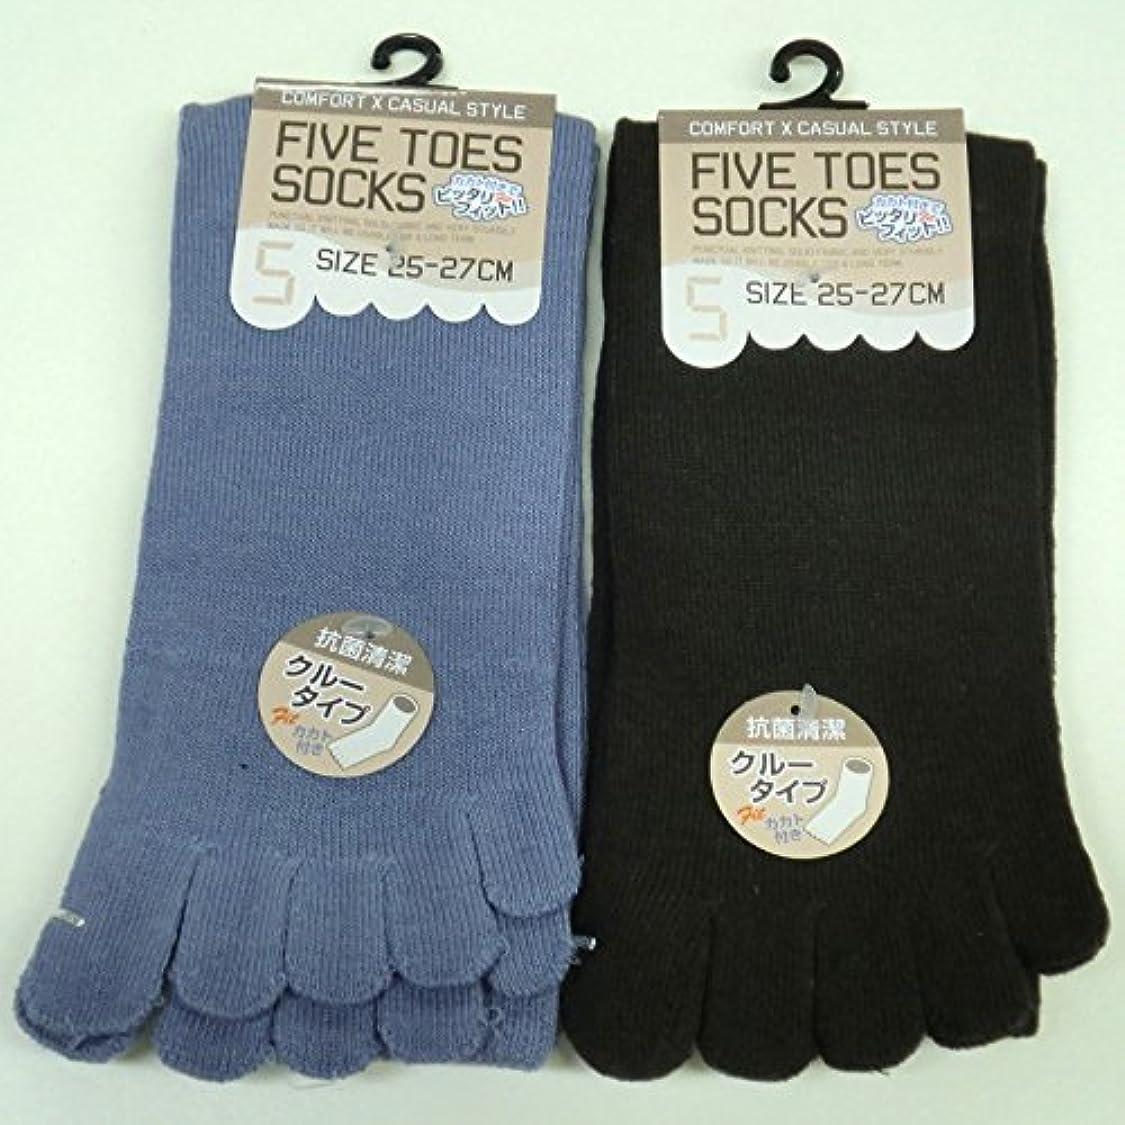 5本指ソックス メンズ 綿混 蒸れない快適 5本指靴下 かかと付 25-27cm 5足組(色はお任せ)